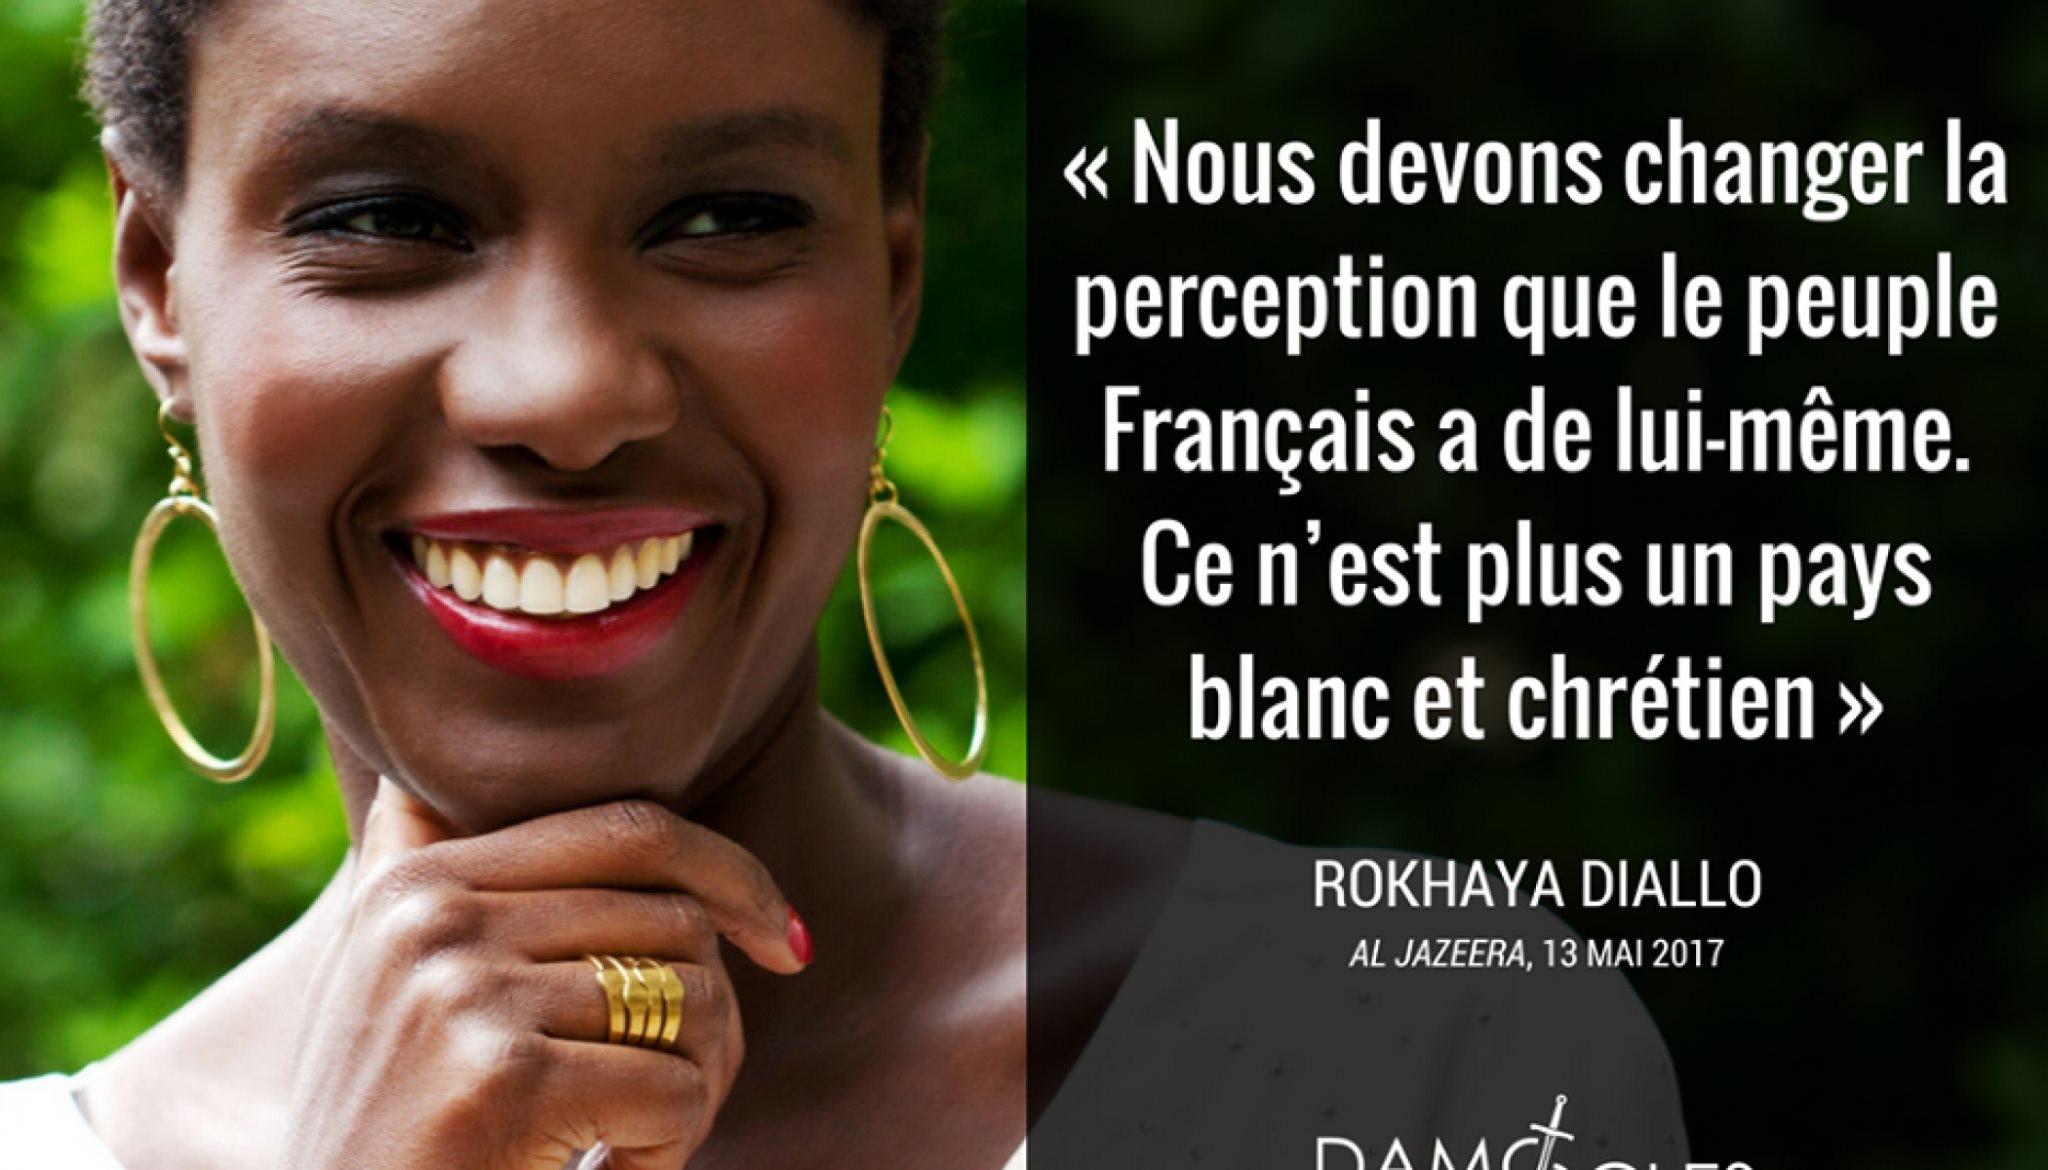 Racisme : quand verra-t-on Rokhaya Diallo faire l'amour avec un Blanc ?